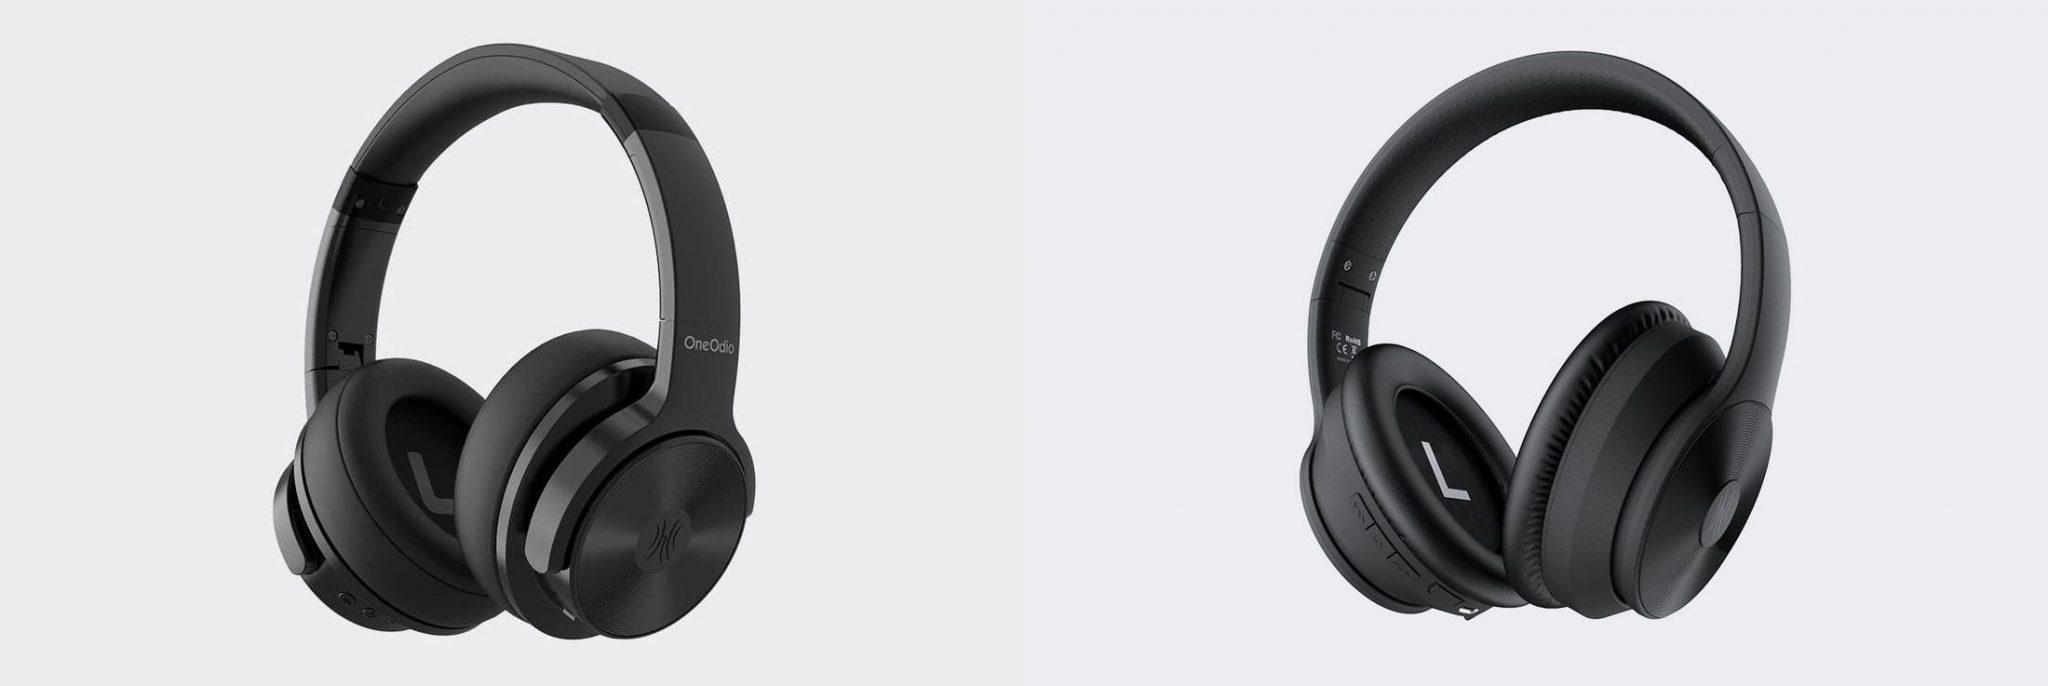 Oneodio A30 és A40 zajszűrős fejhallgatók tesztje 2